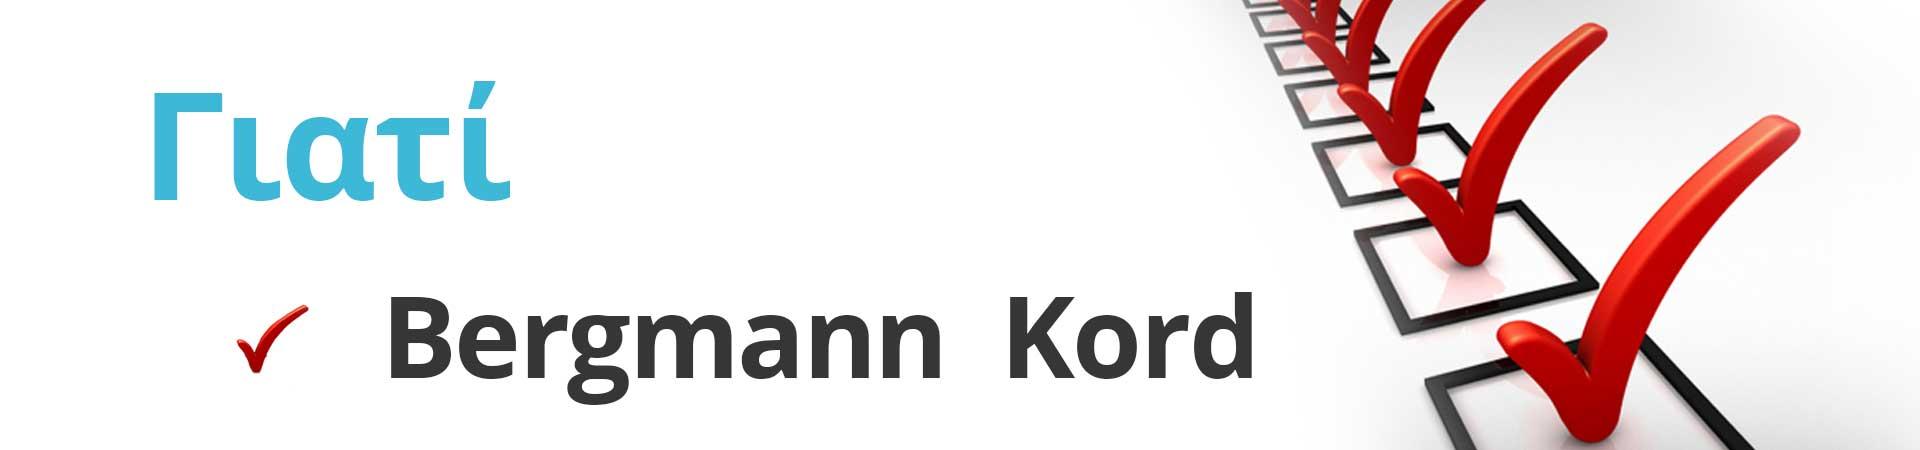 Η Bergmann Kord ως τελική επιλογή